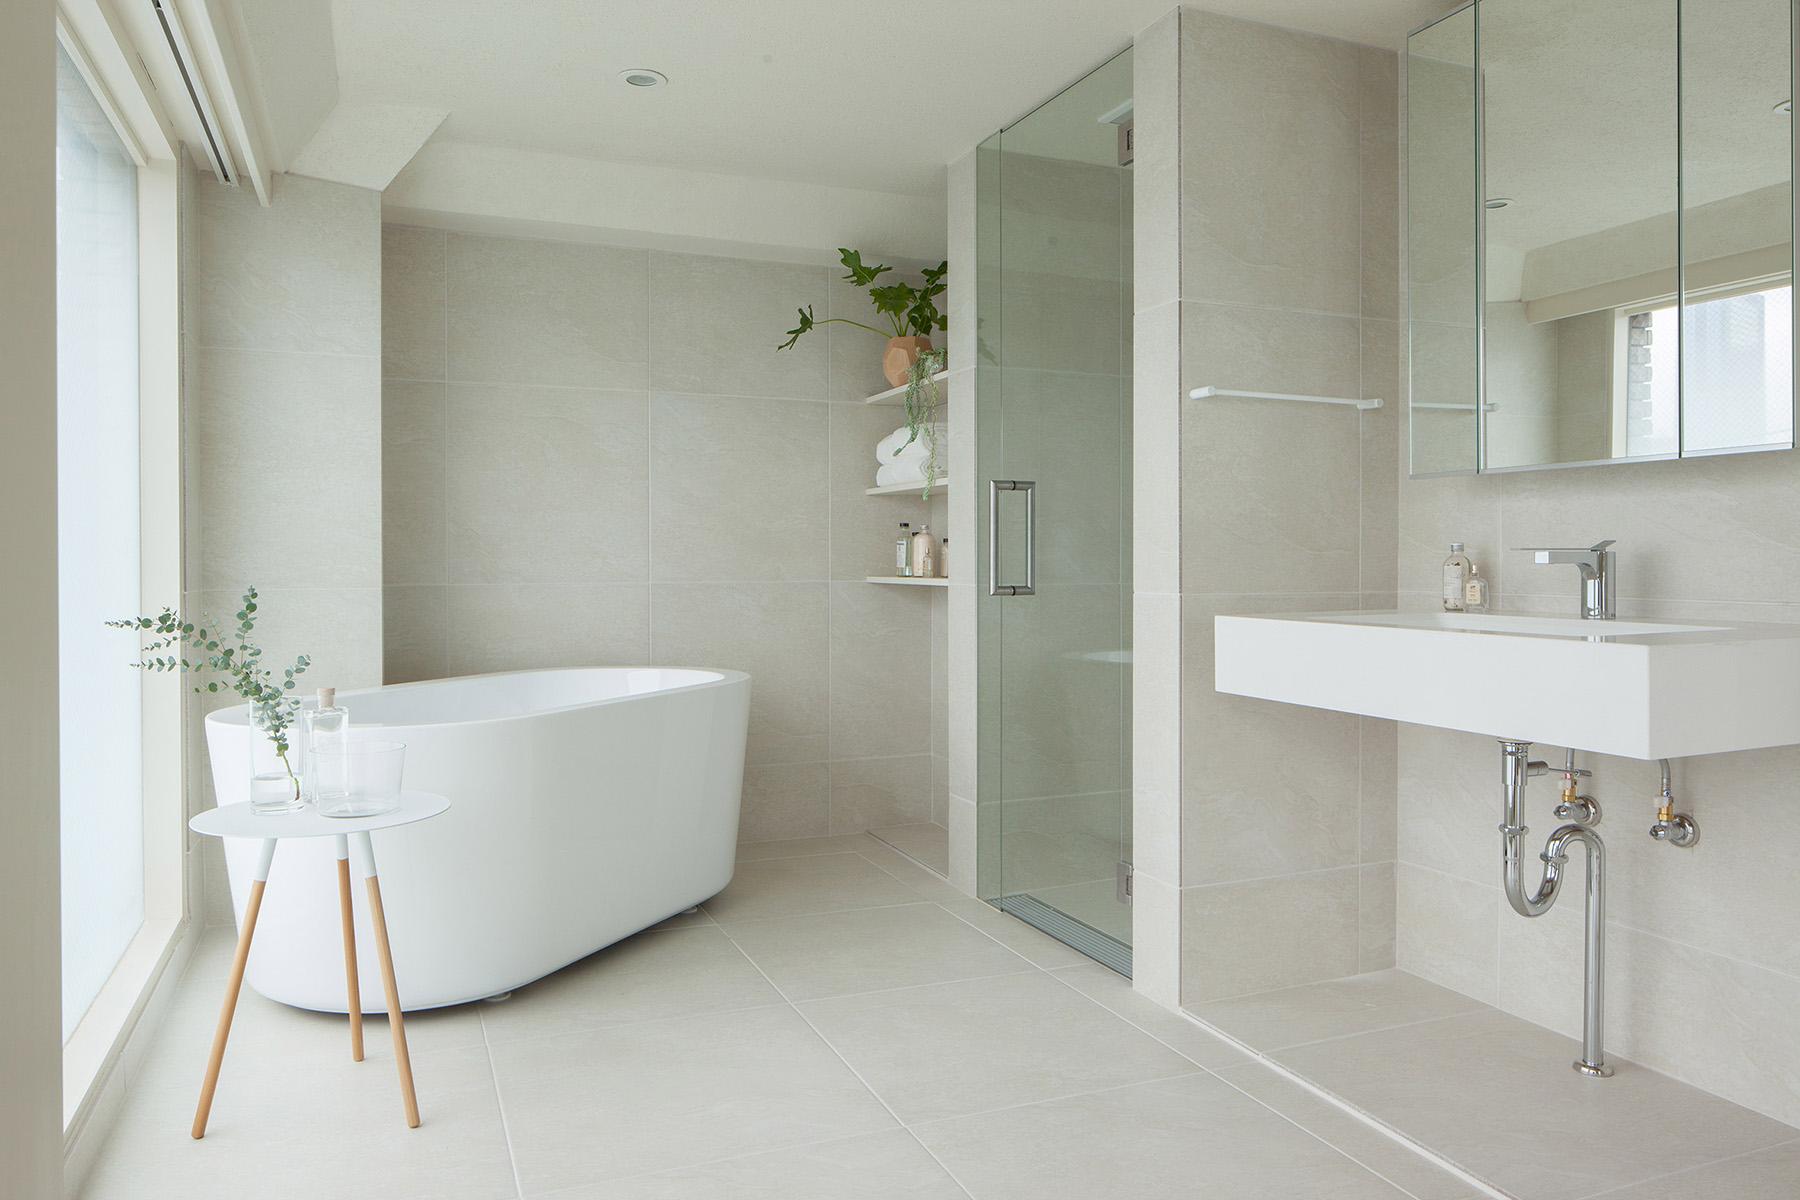 iGNANT-Architecture-Hiroyuki-Ogawa-Shibuya-Apartment-22